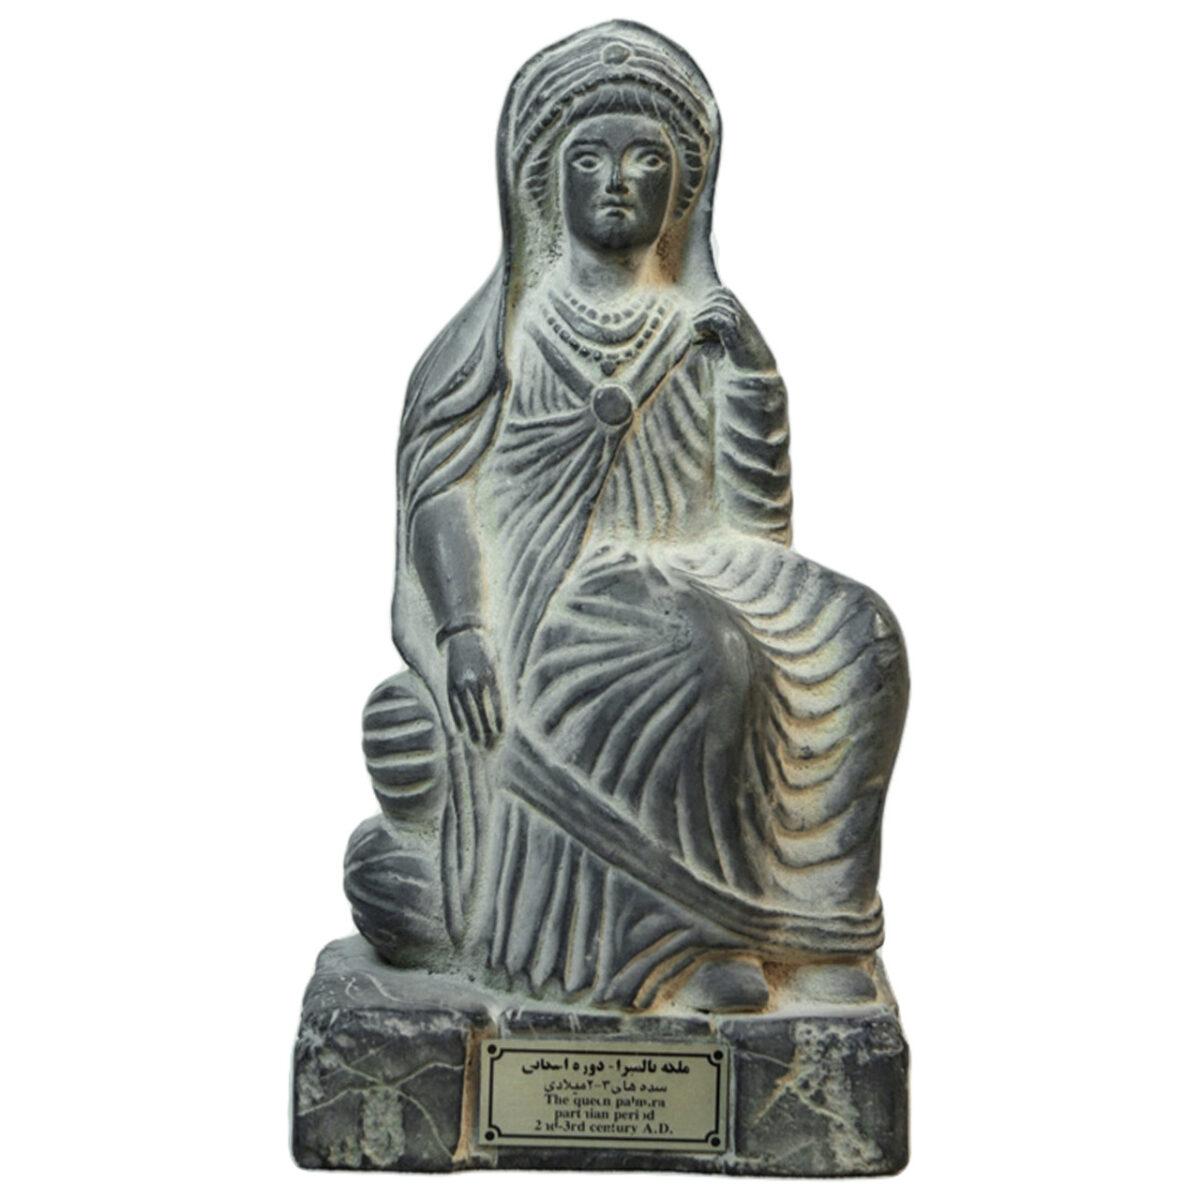 مجسمه تندیس و پیکره شهریار مدل تندیس ملکه پالمیرا کد MO630